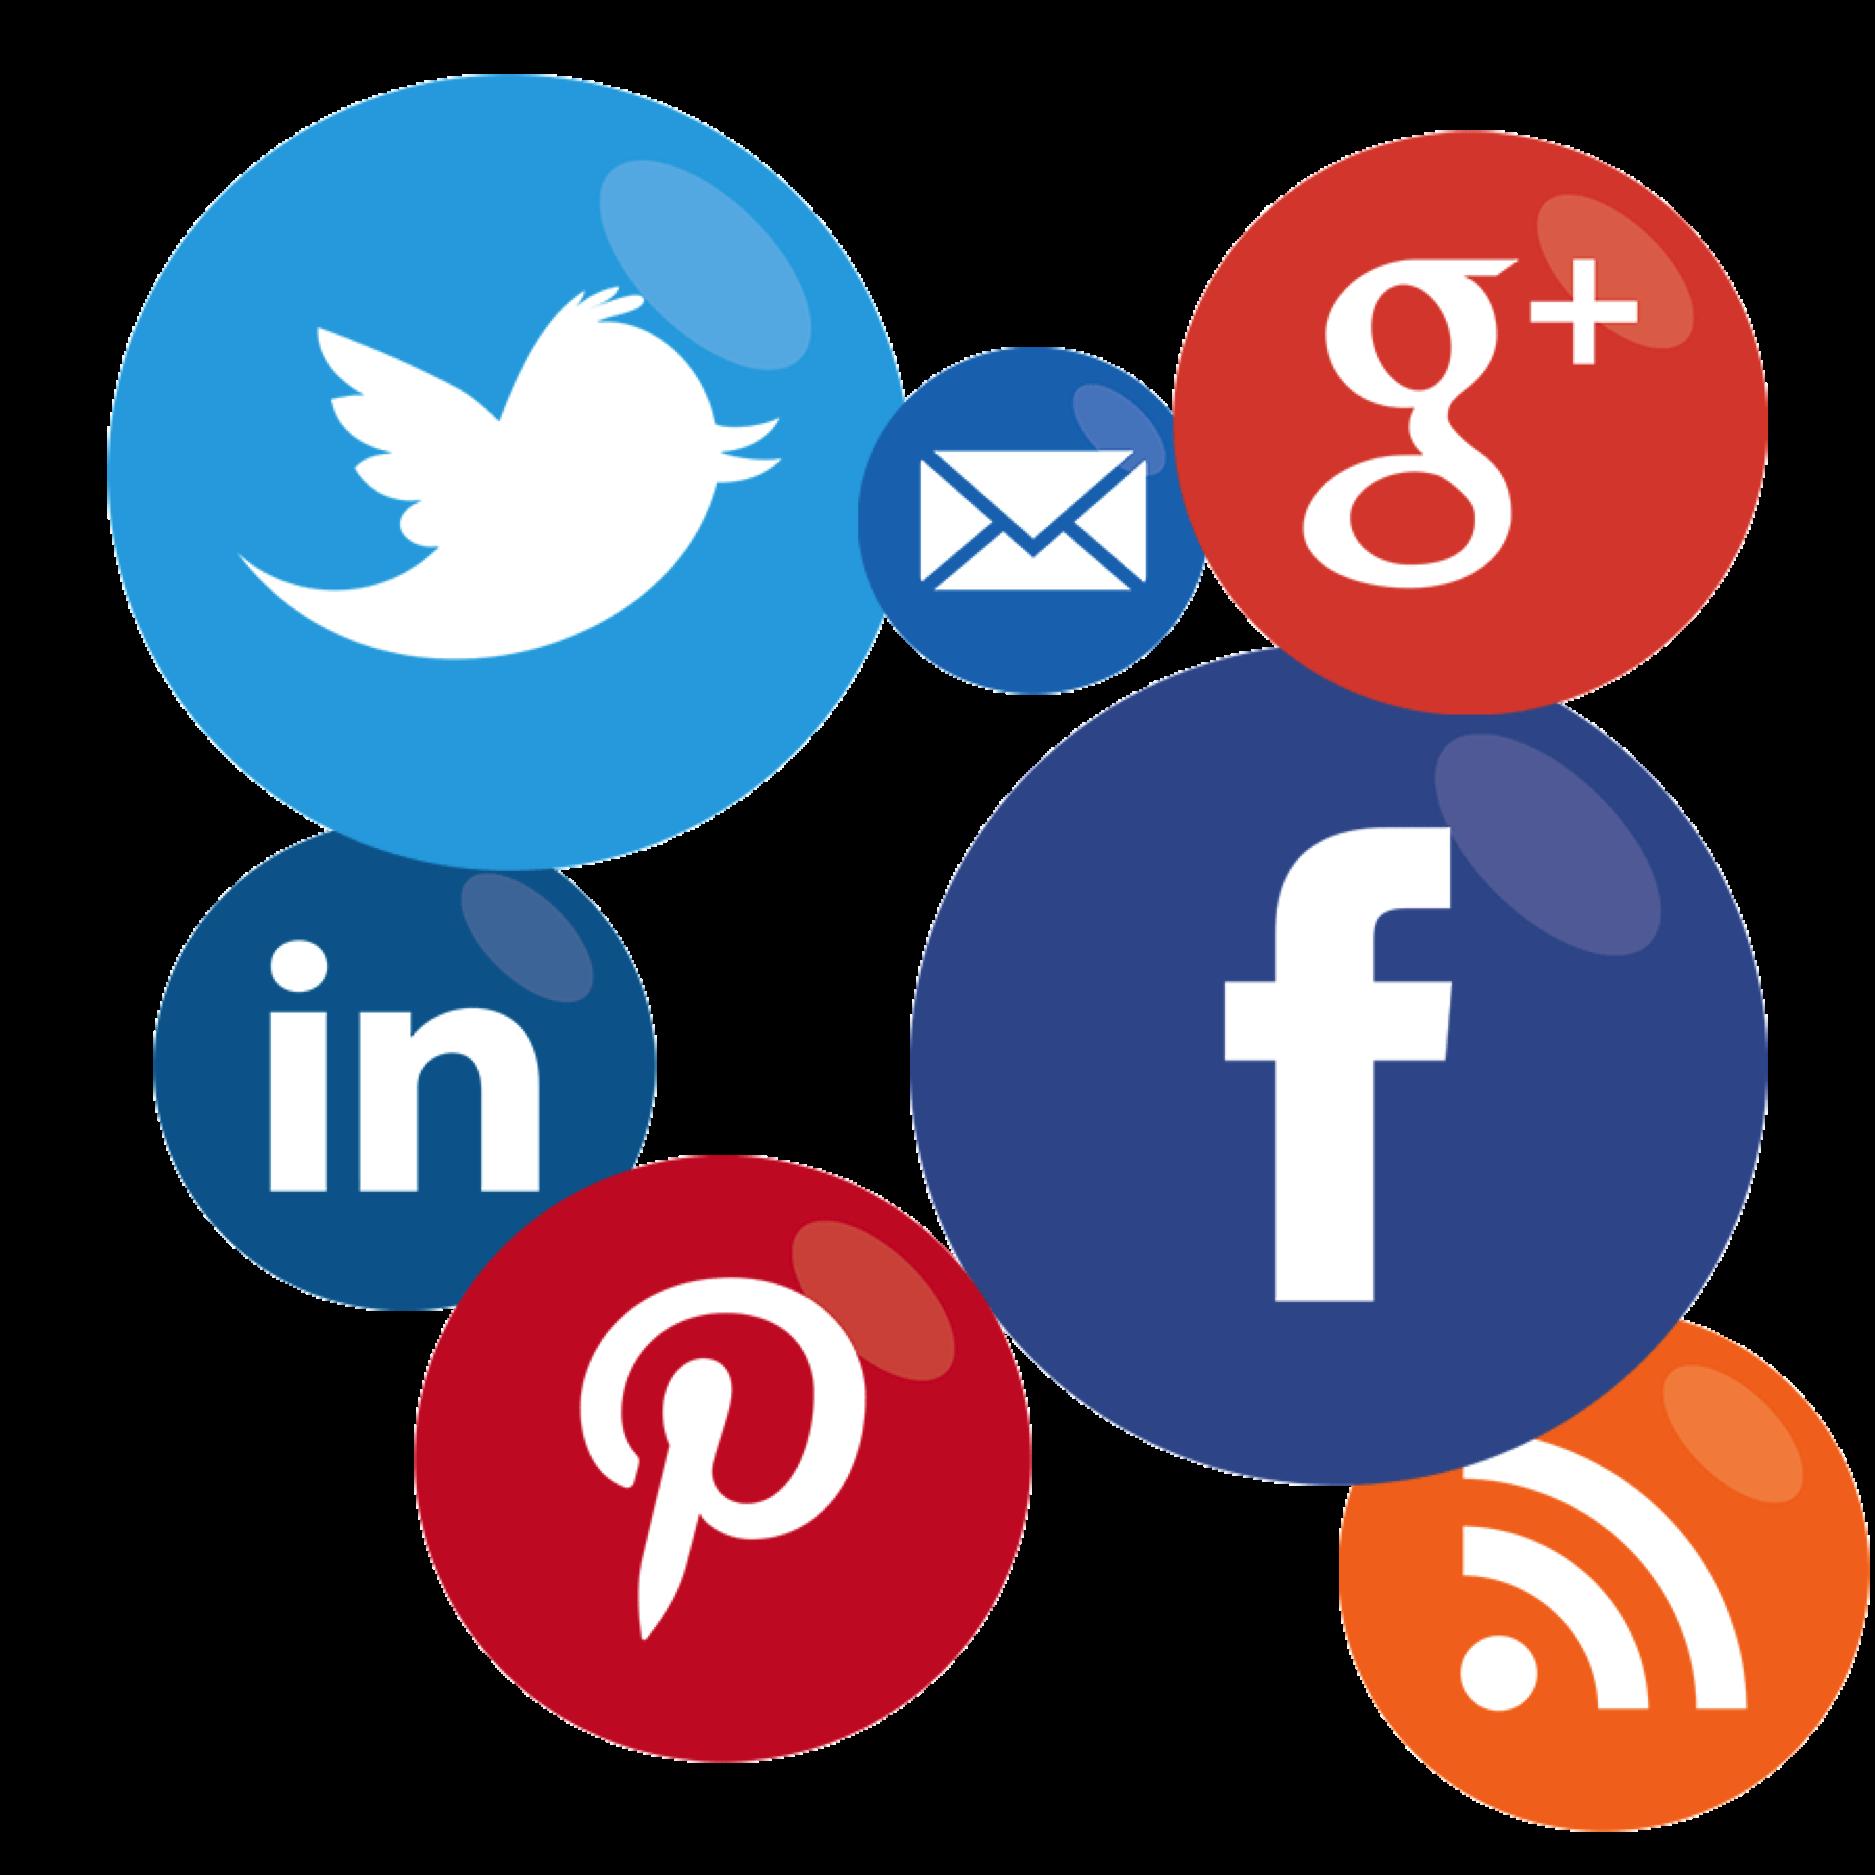 Social Media digitalpact